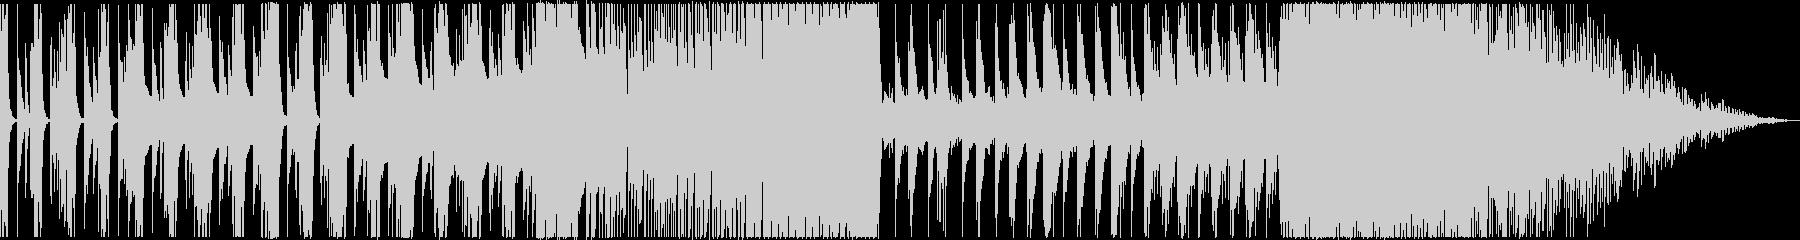 ピアノやシンセによる緊迫した雰囲気の楽曲の未再生の波形